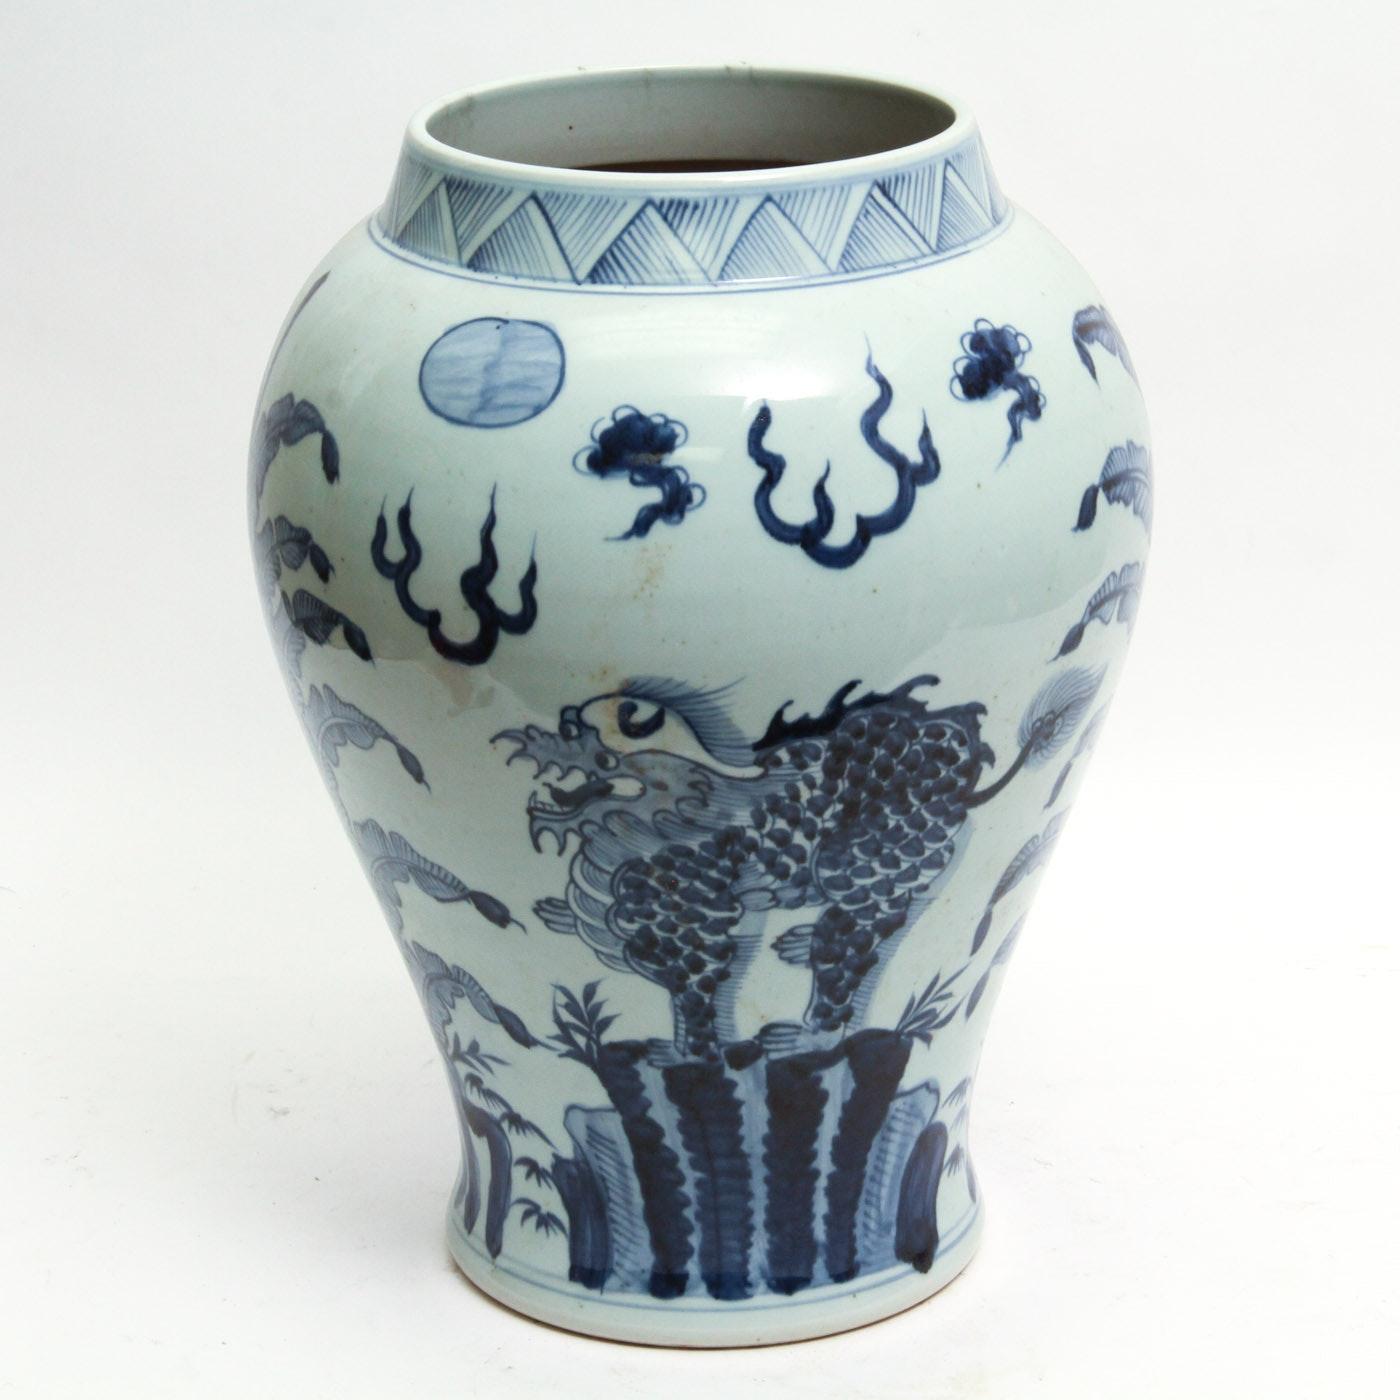 Antique Handmade Chinese Ceramic Vase